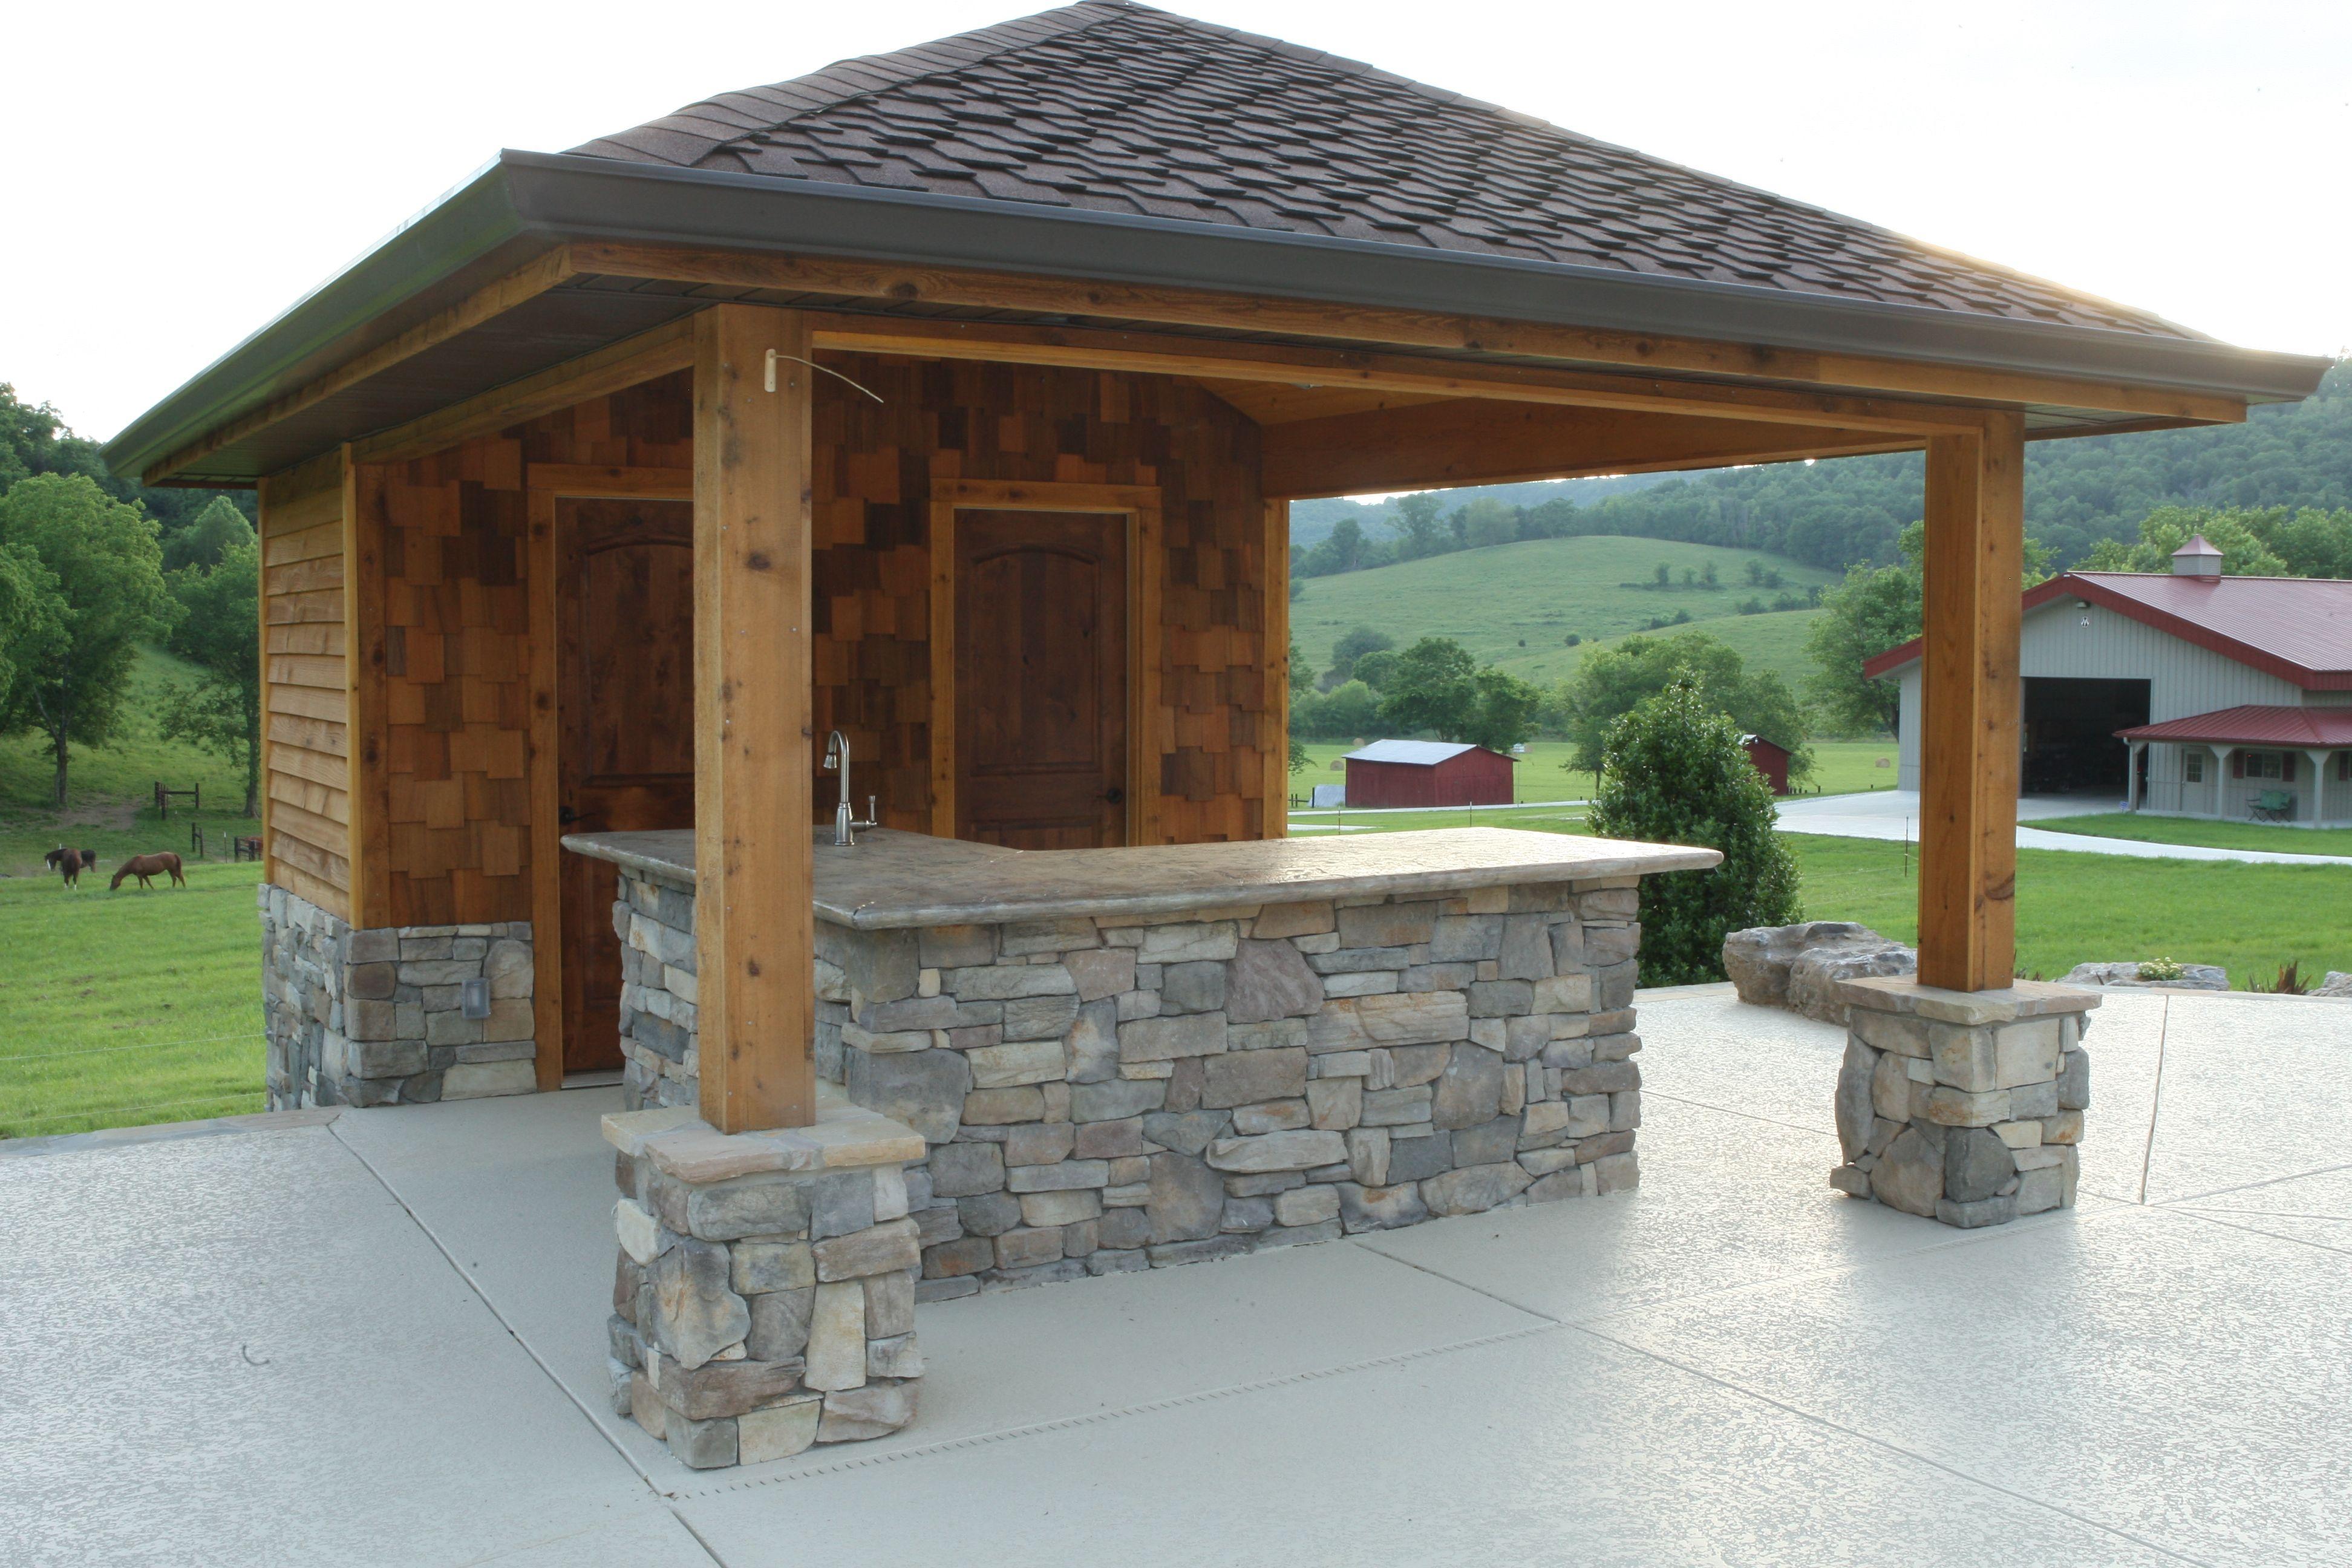 Outdoor Küchen Plan : Outdoor küche plan outdoor küche beton swalif